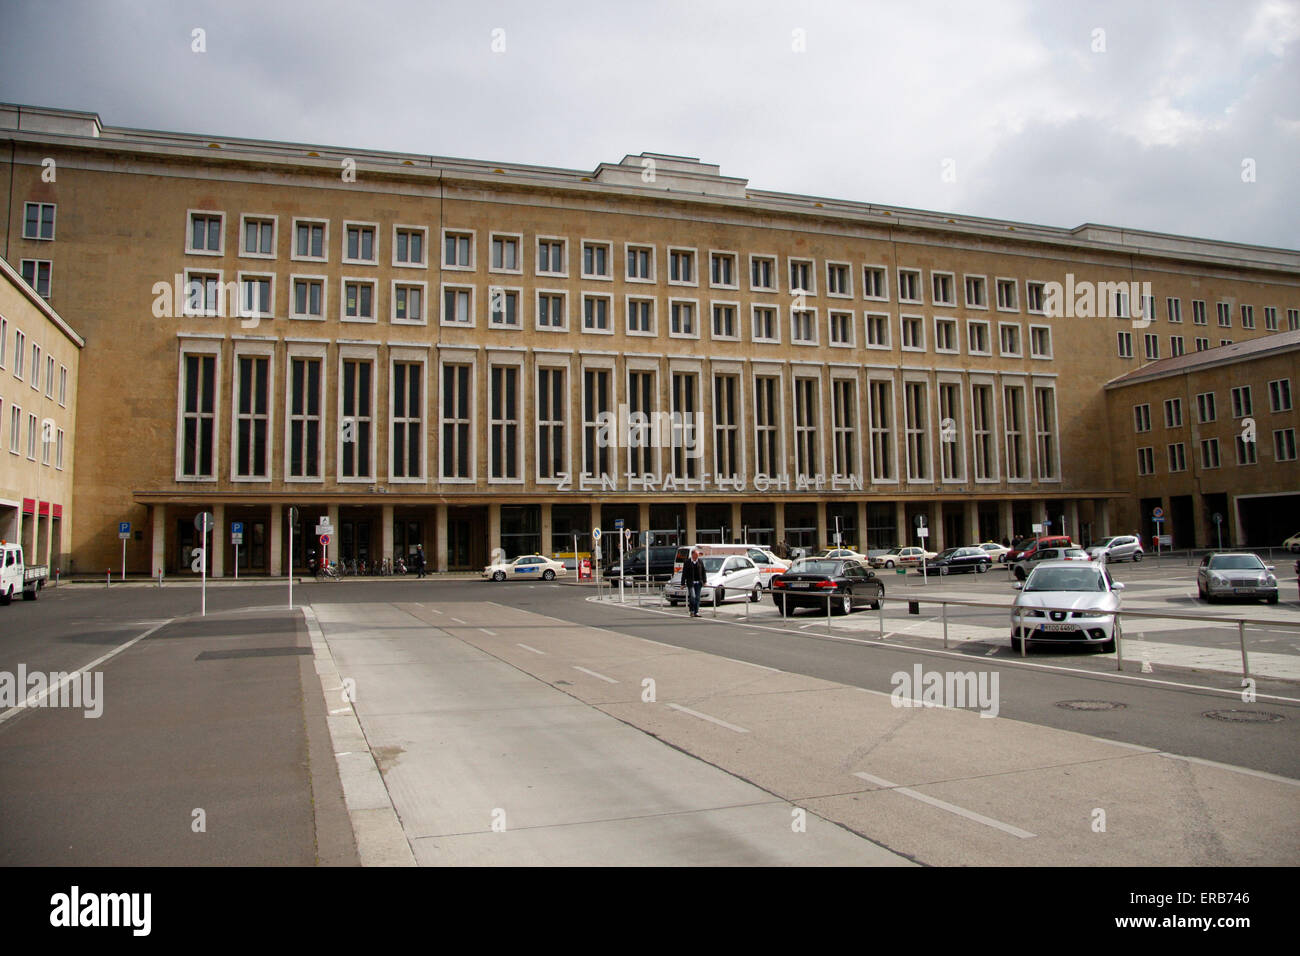 Flughafen Tempelhof, Berlin-Tempelhof. - Stock Image